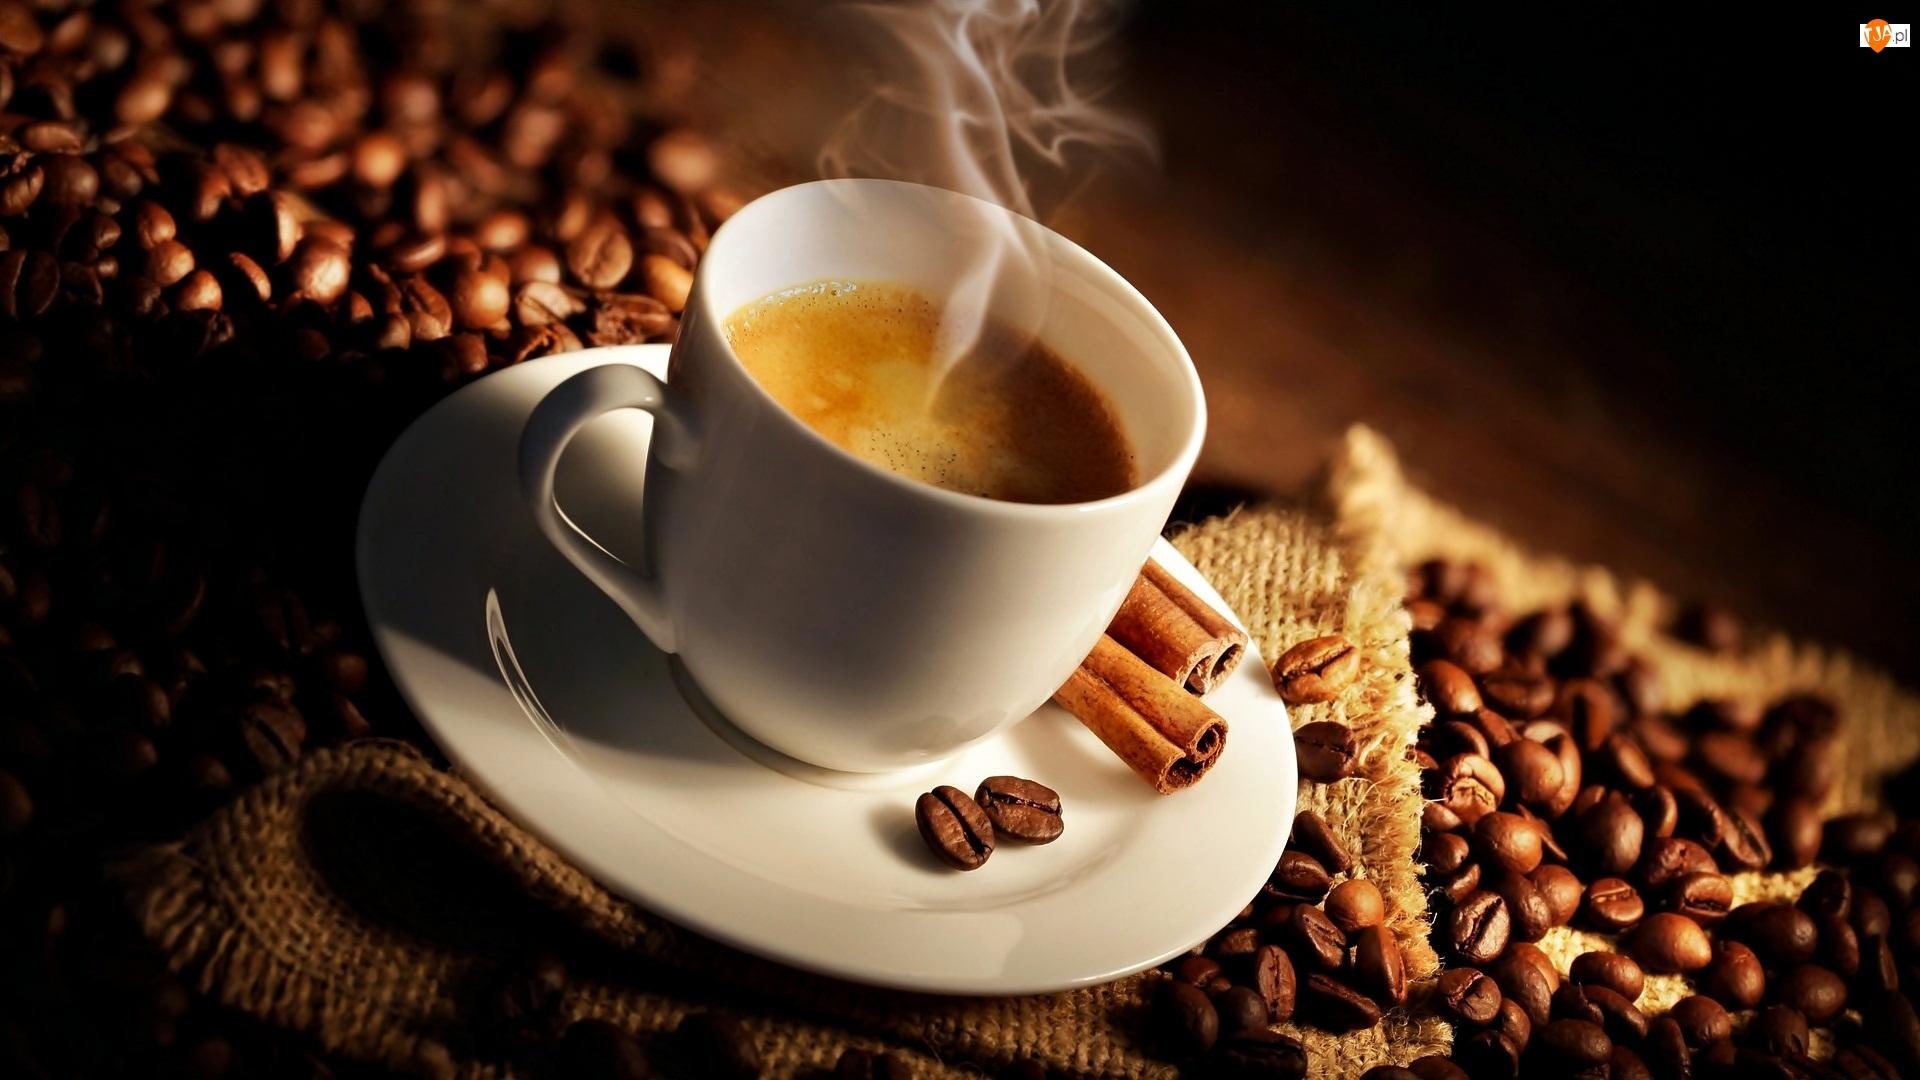 Kawa, Gorąca, Biała, Talerzyk, Ziarna, Filiżanka